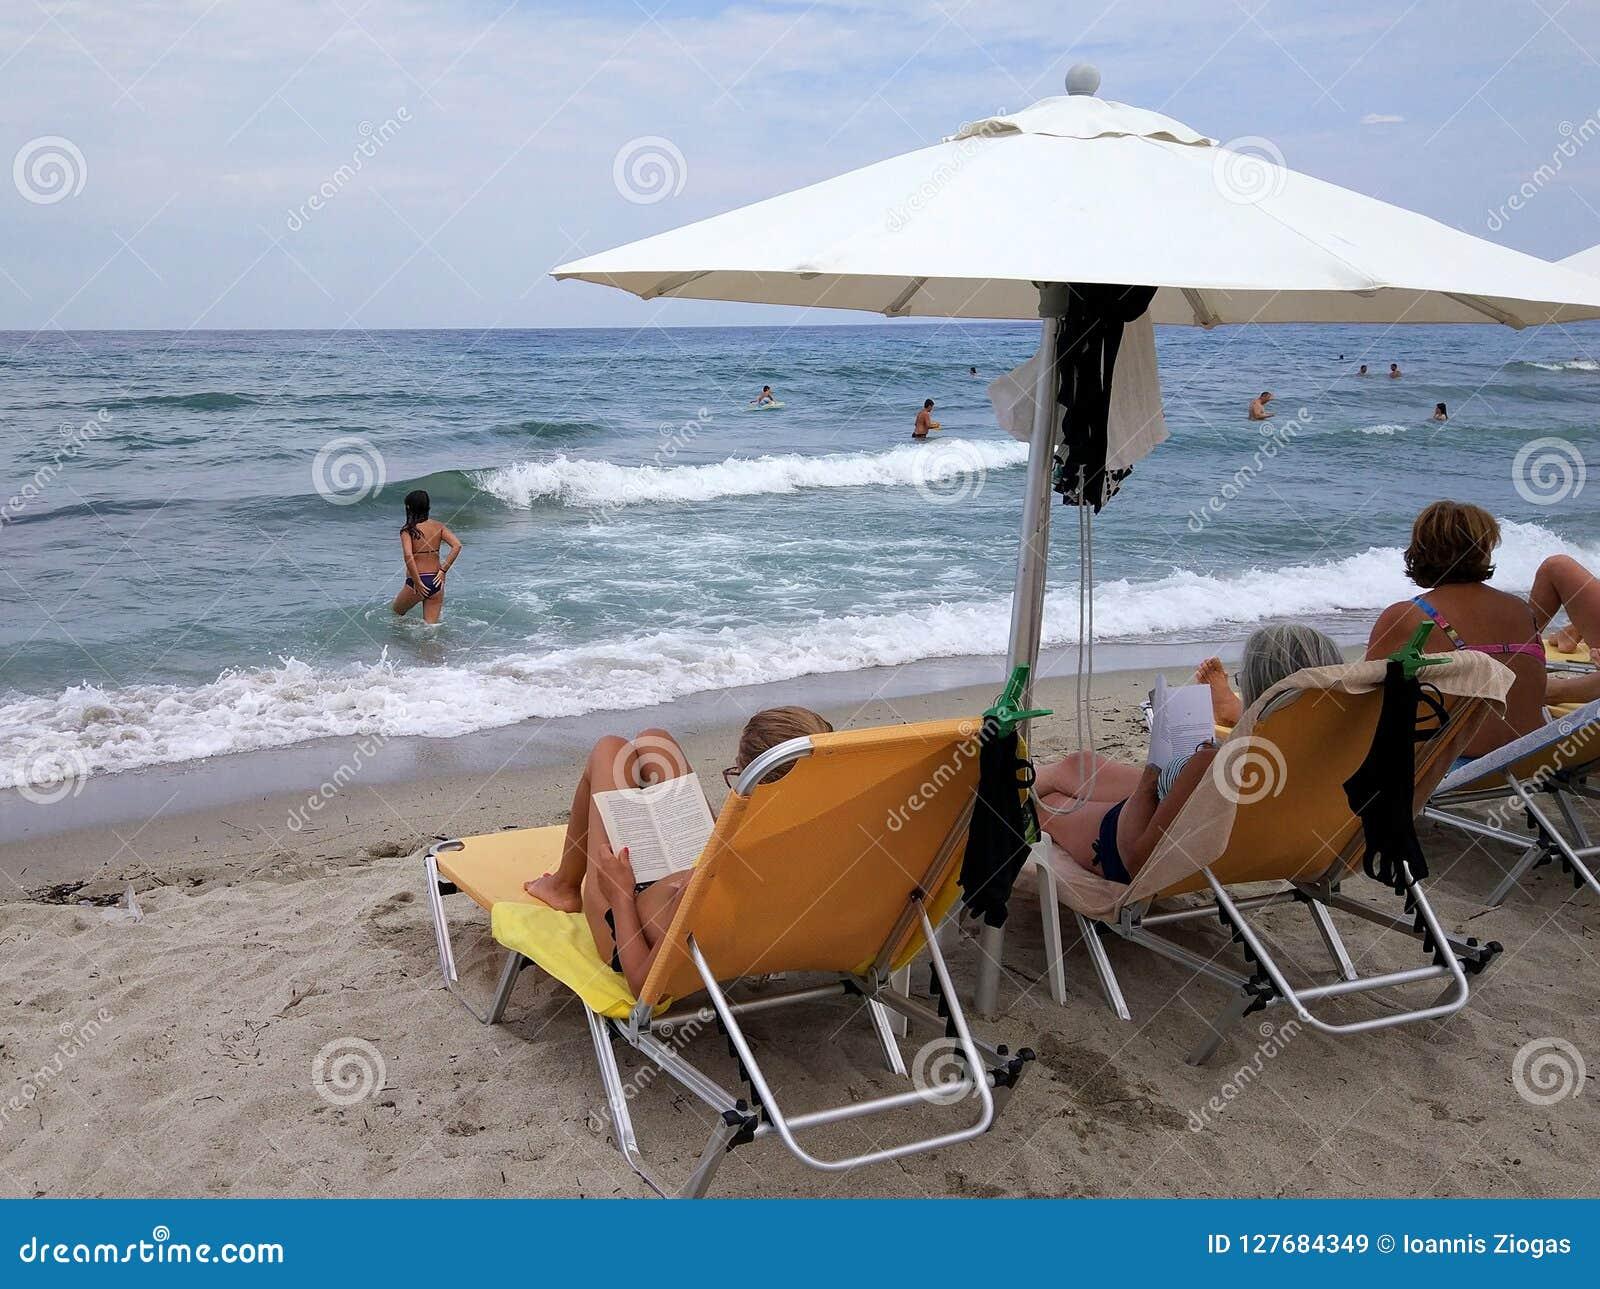 Mujeres debajo de los paraguas que se relajan en sunbeds mientras que otras personas que nadan